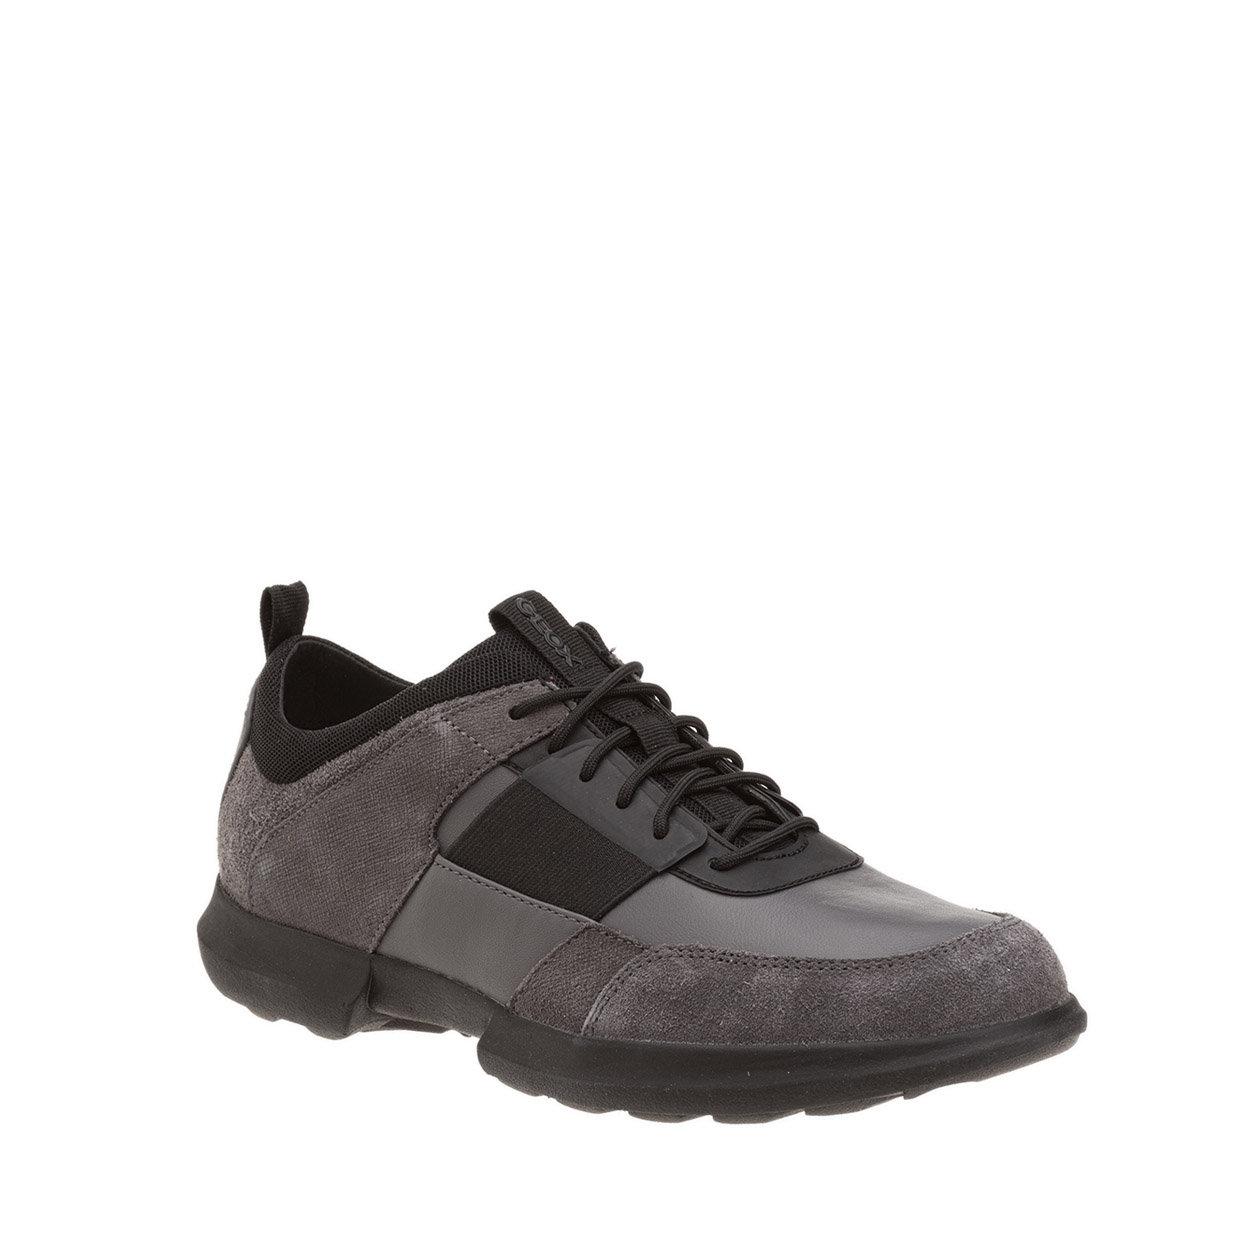 Sneakers Traccia B in suede e nappa multicolor GEOX SCARPE Acquista su Ventis.